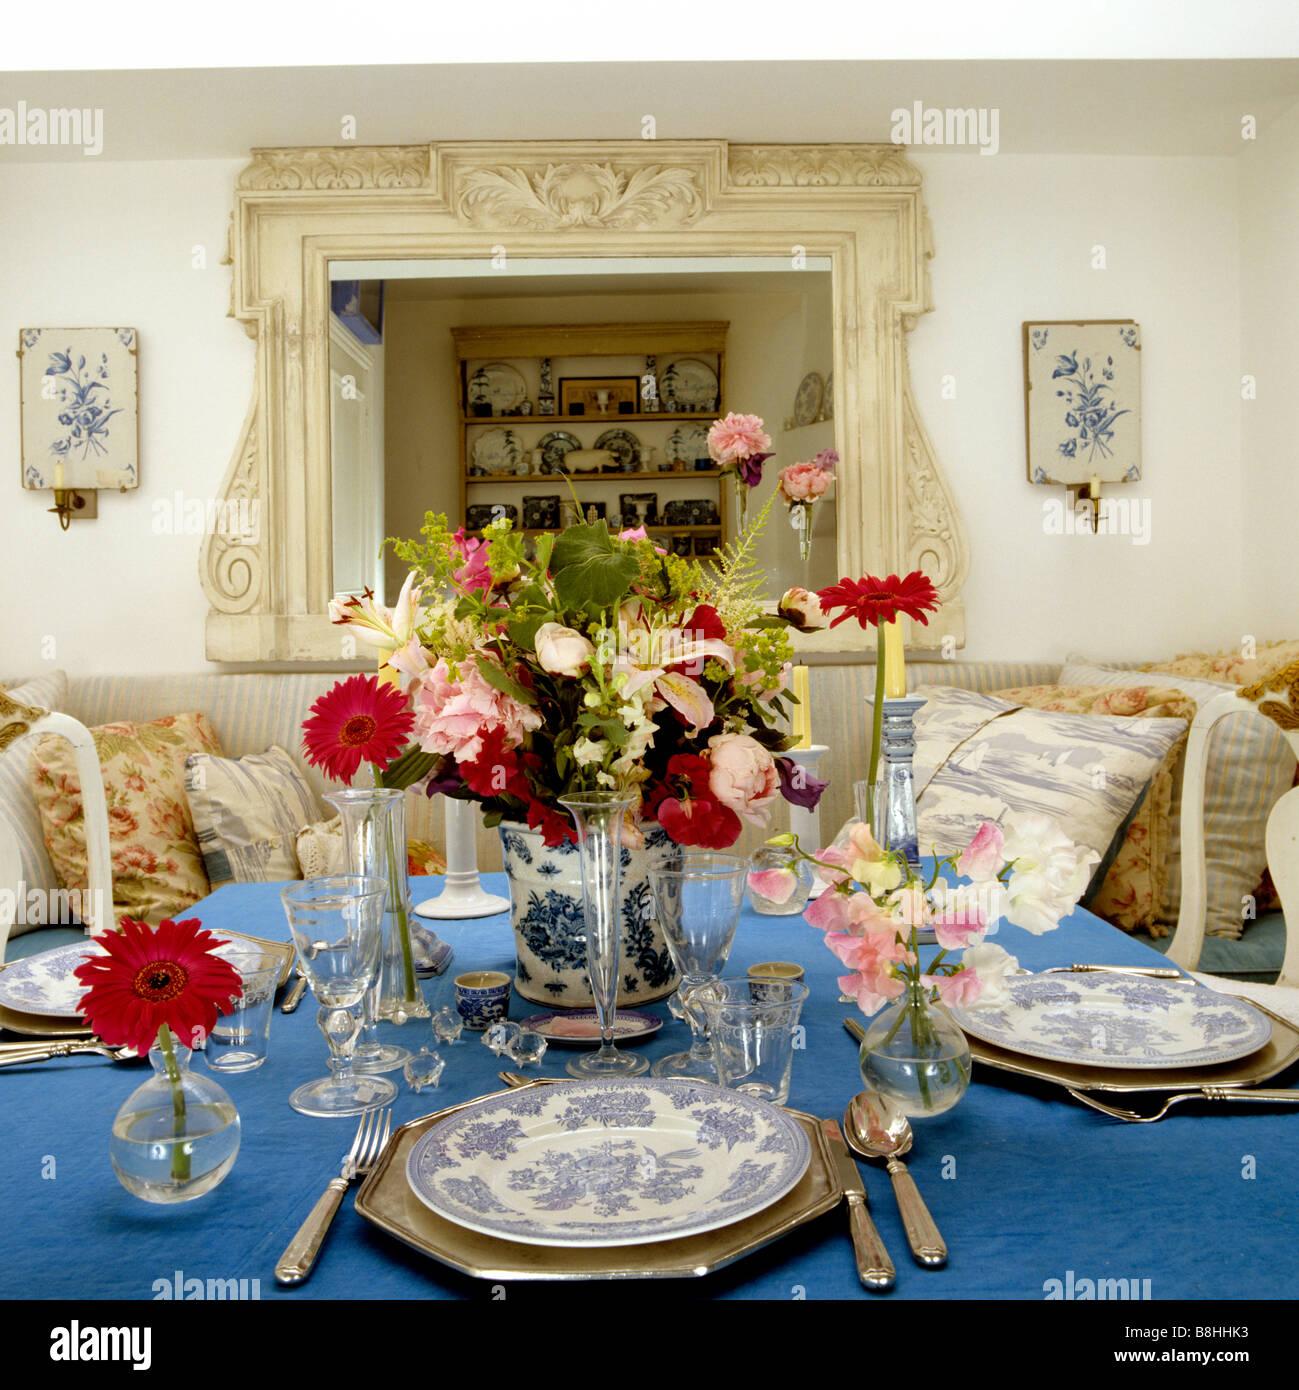 Close up de table avec nappe en lin bleu, bleu et blanc de Chine et overmantle mirror Photo Stock